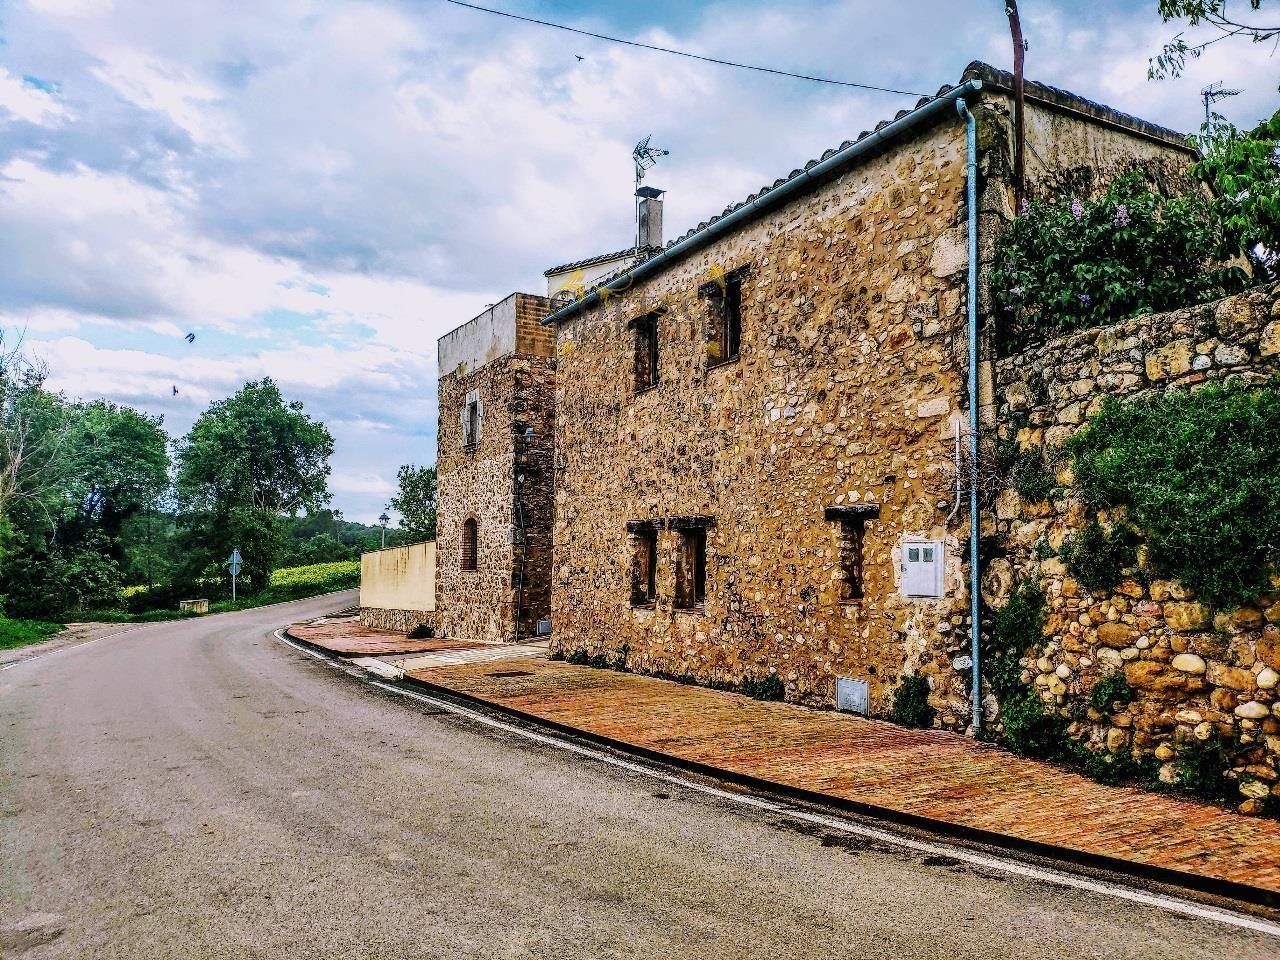 1265: Casas de pueblo in Vilademuls